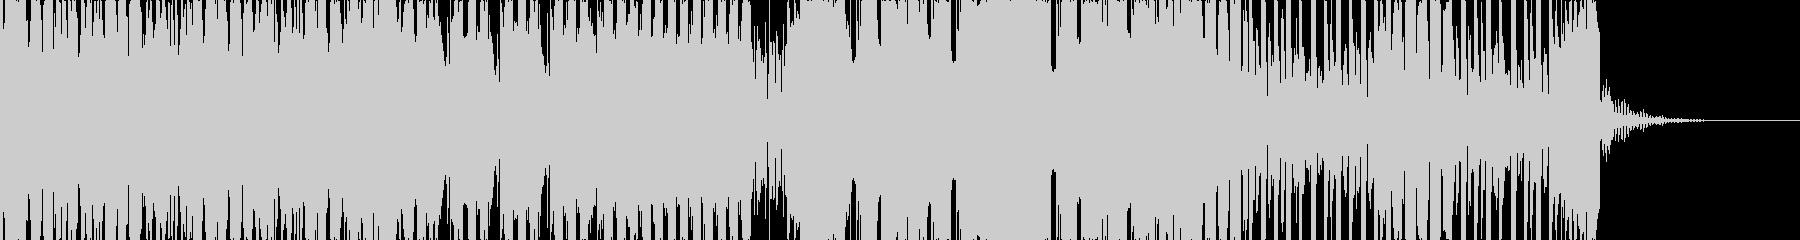 ダブステップ 積極的 焦り 広い ...の未再生の波形